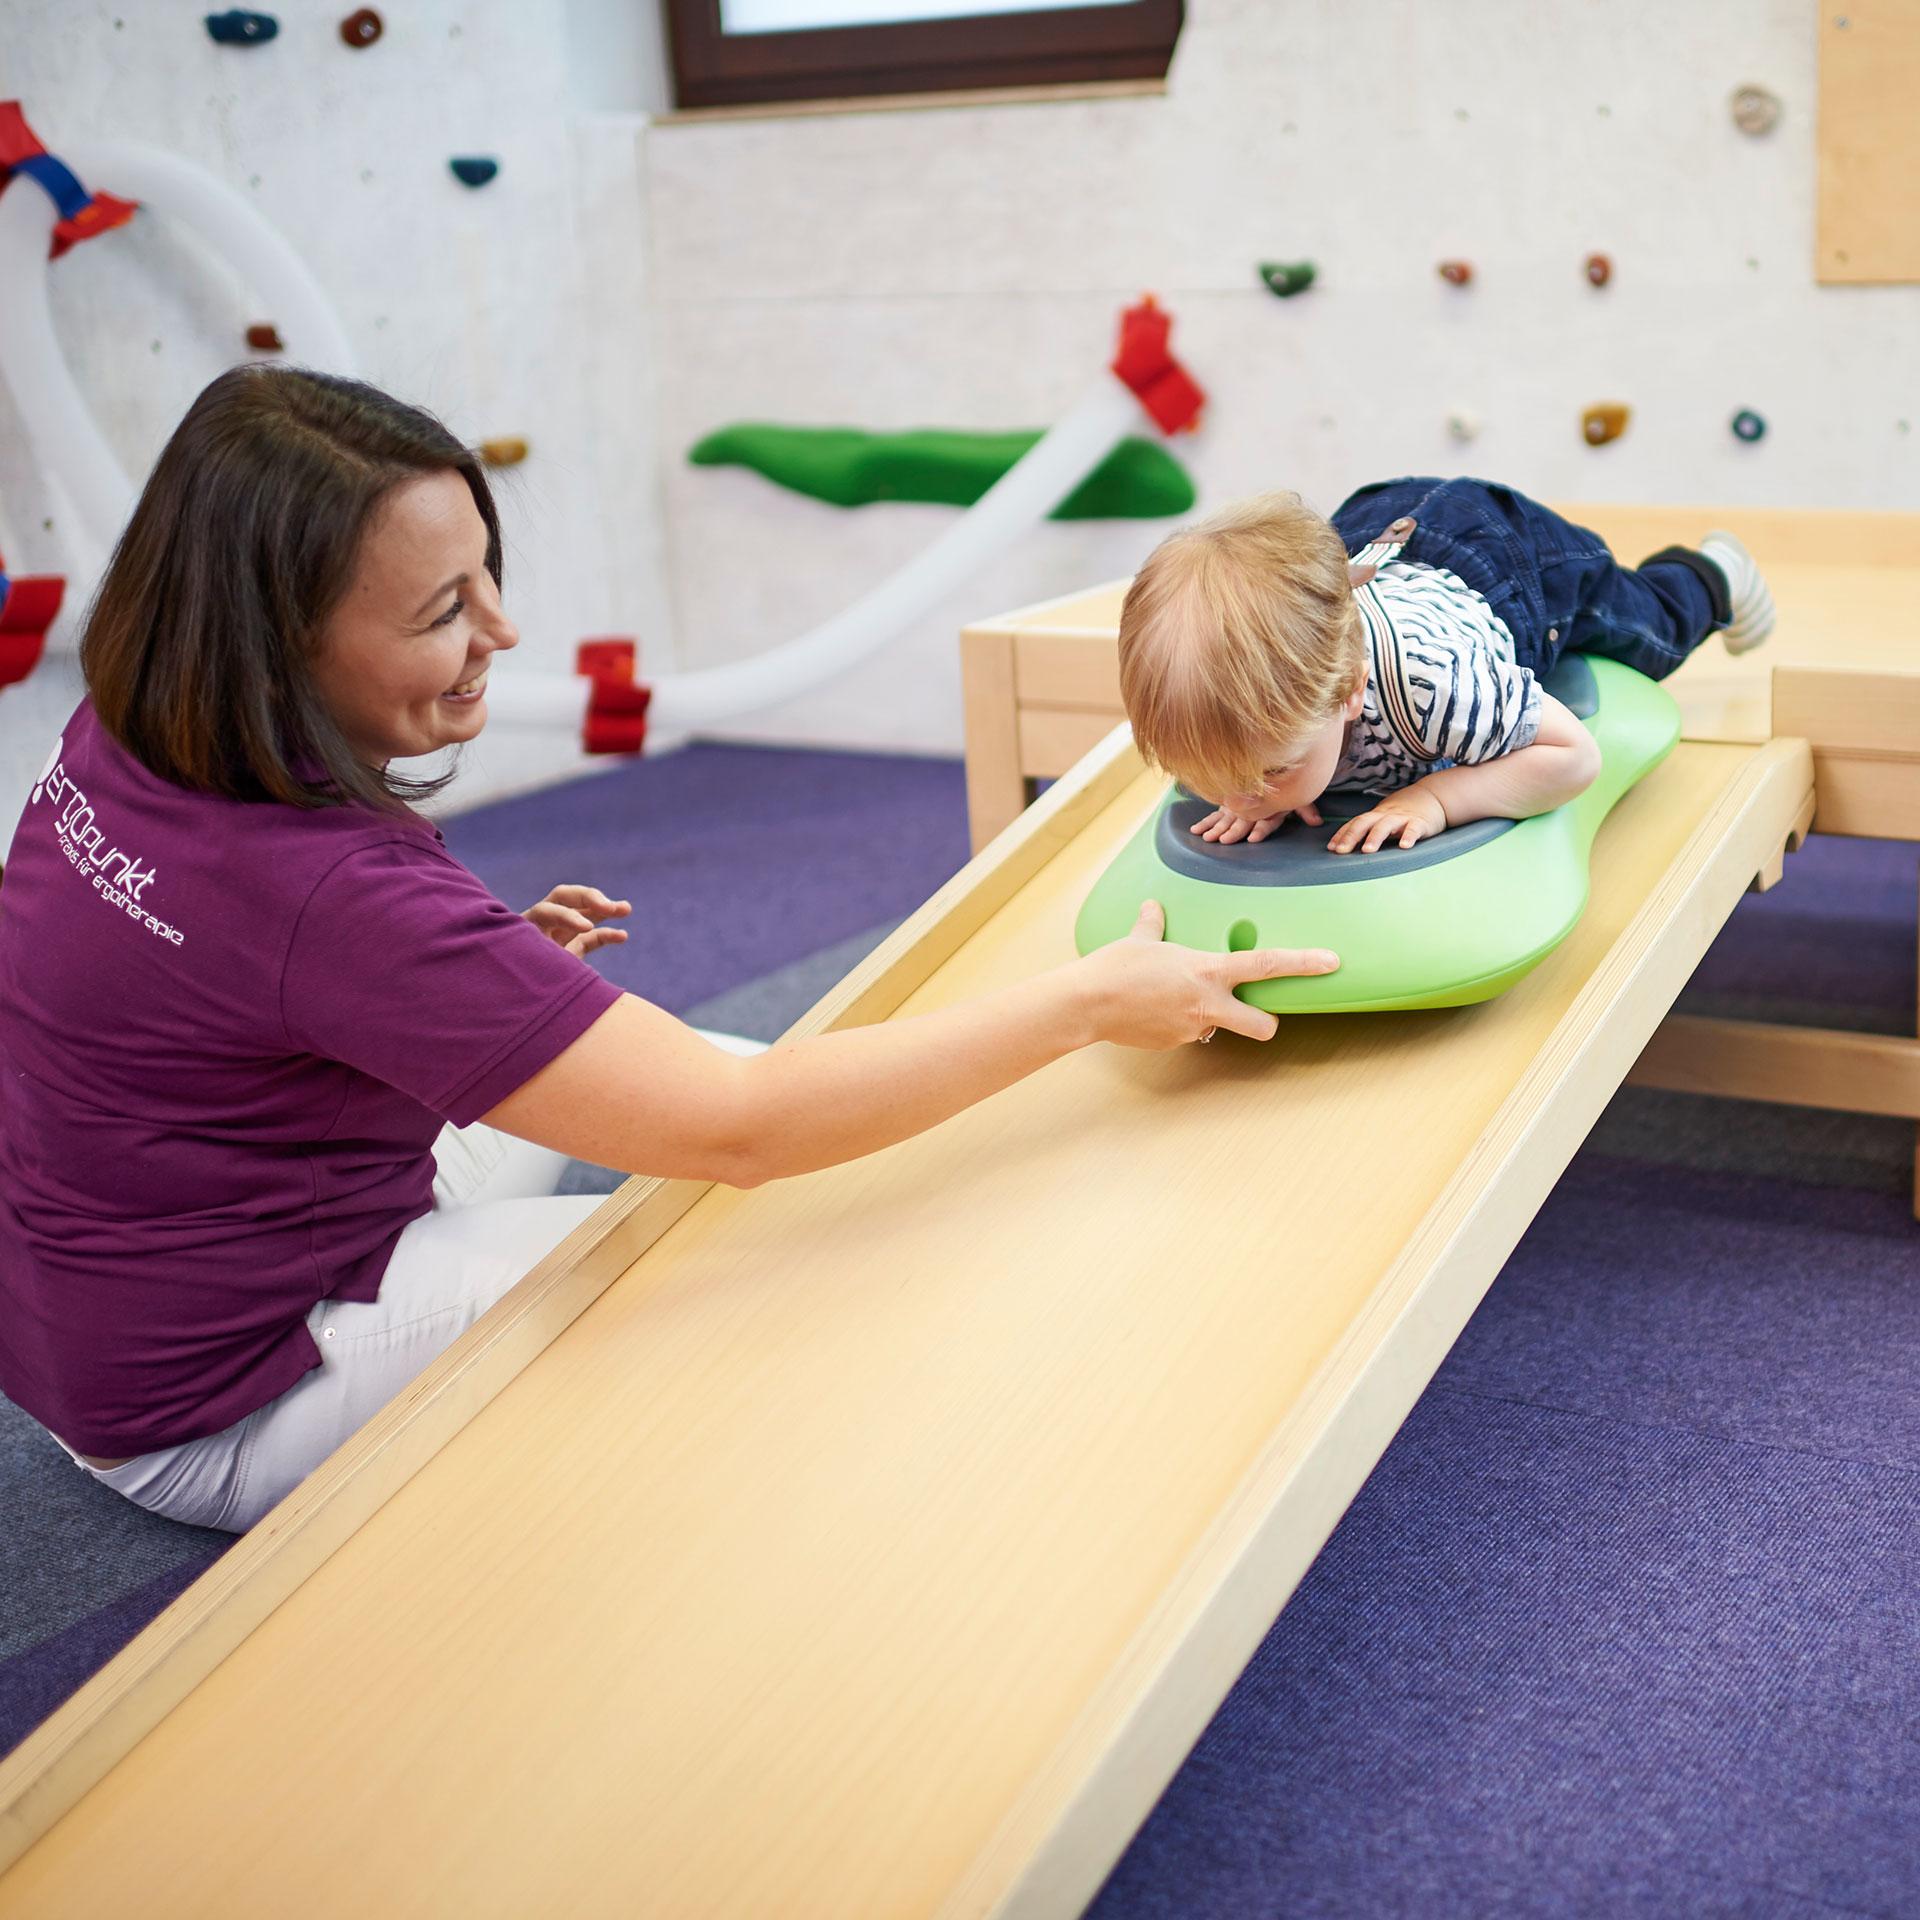 ErgoPunkt Praxis – Pädiatrische Behandlung